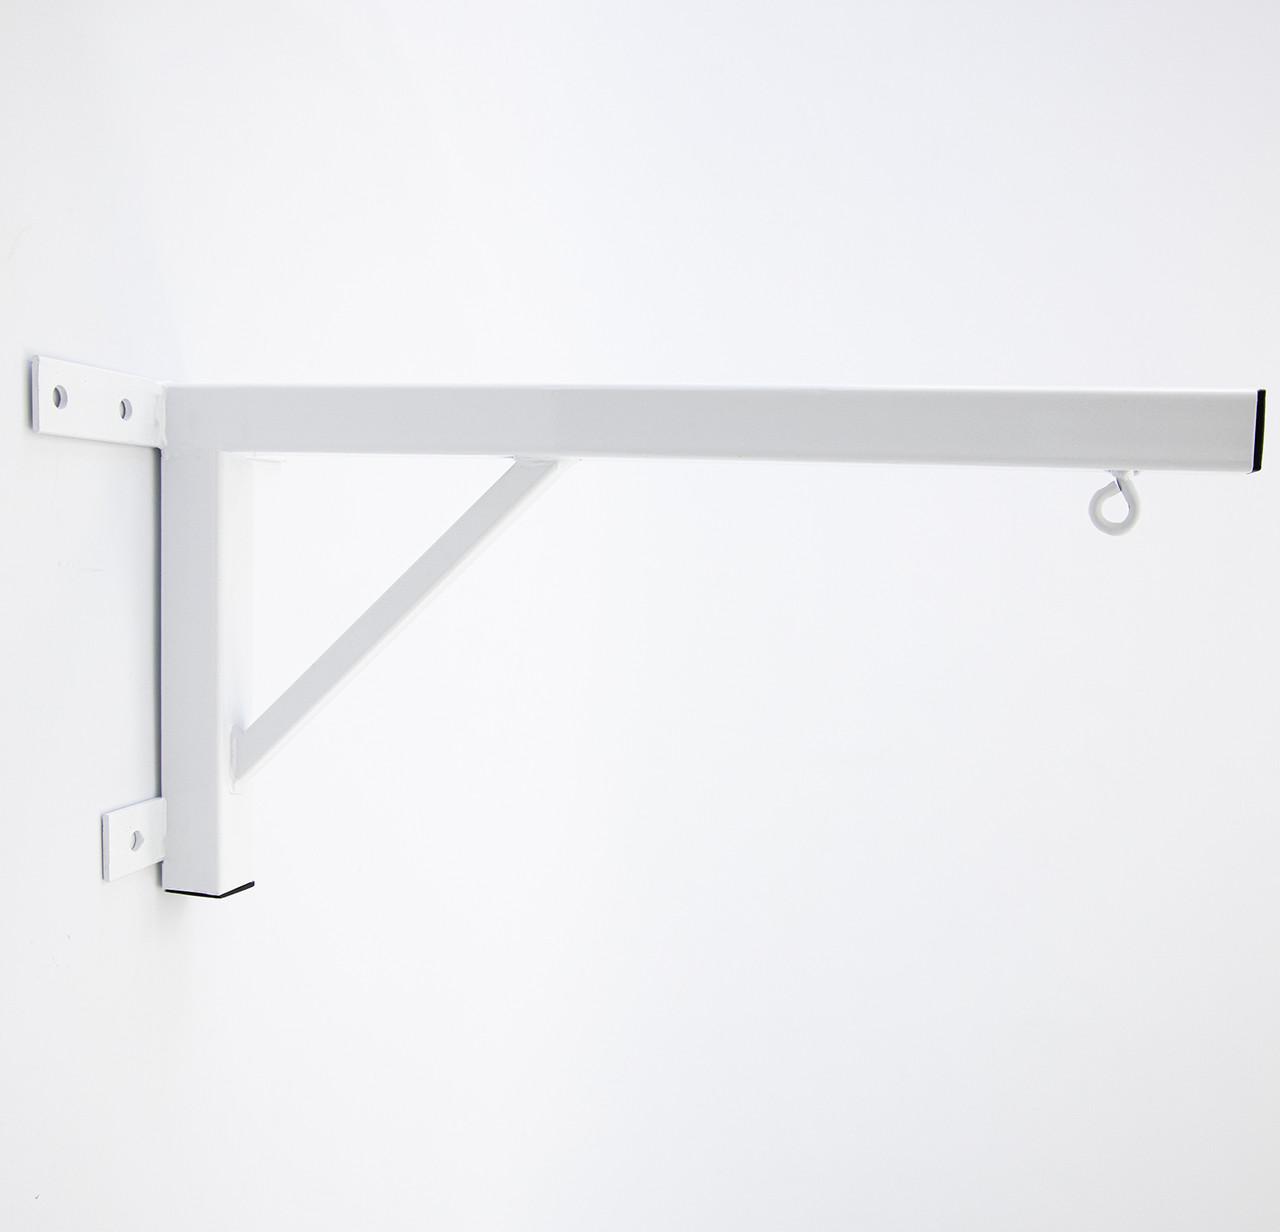 Кронштейн (кріплення) для боксерського мішка, груші OSPORT Light (bx-0079)